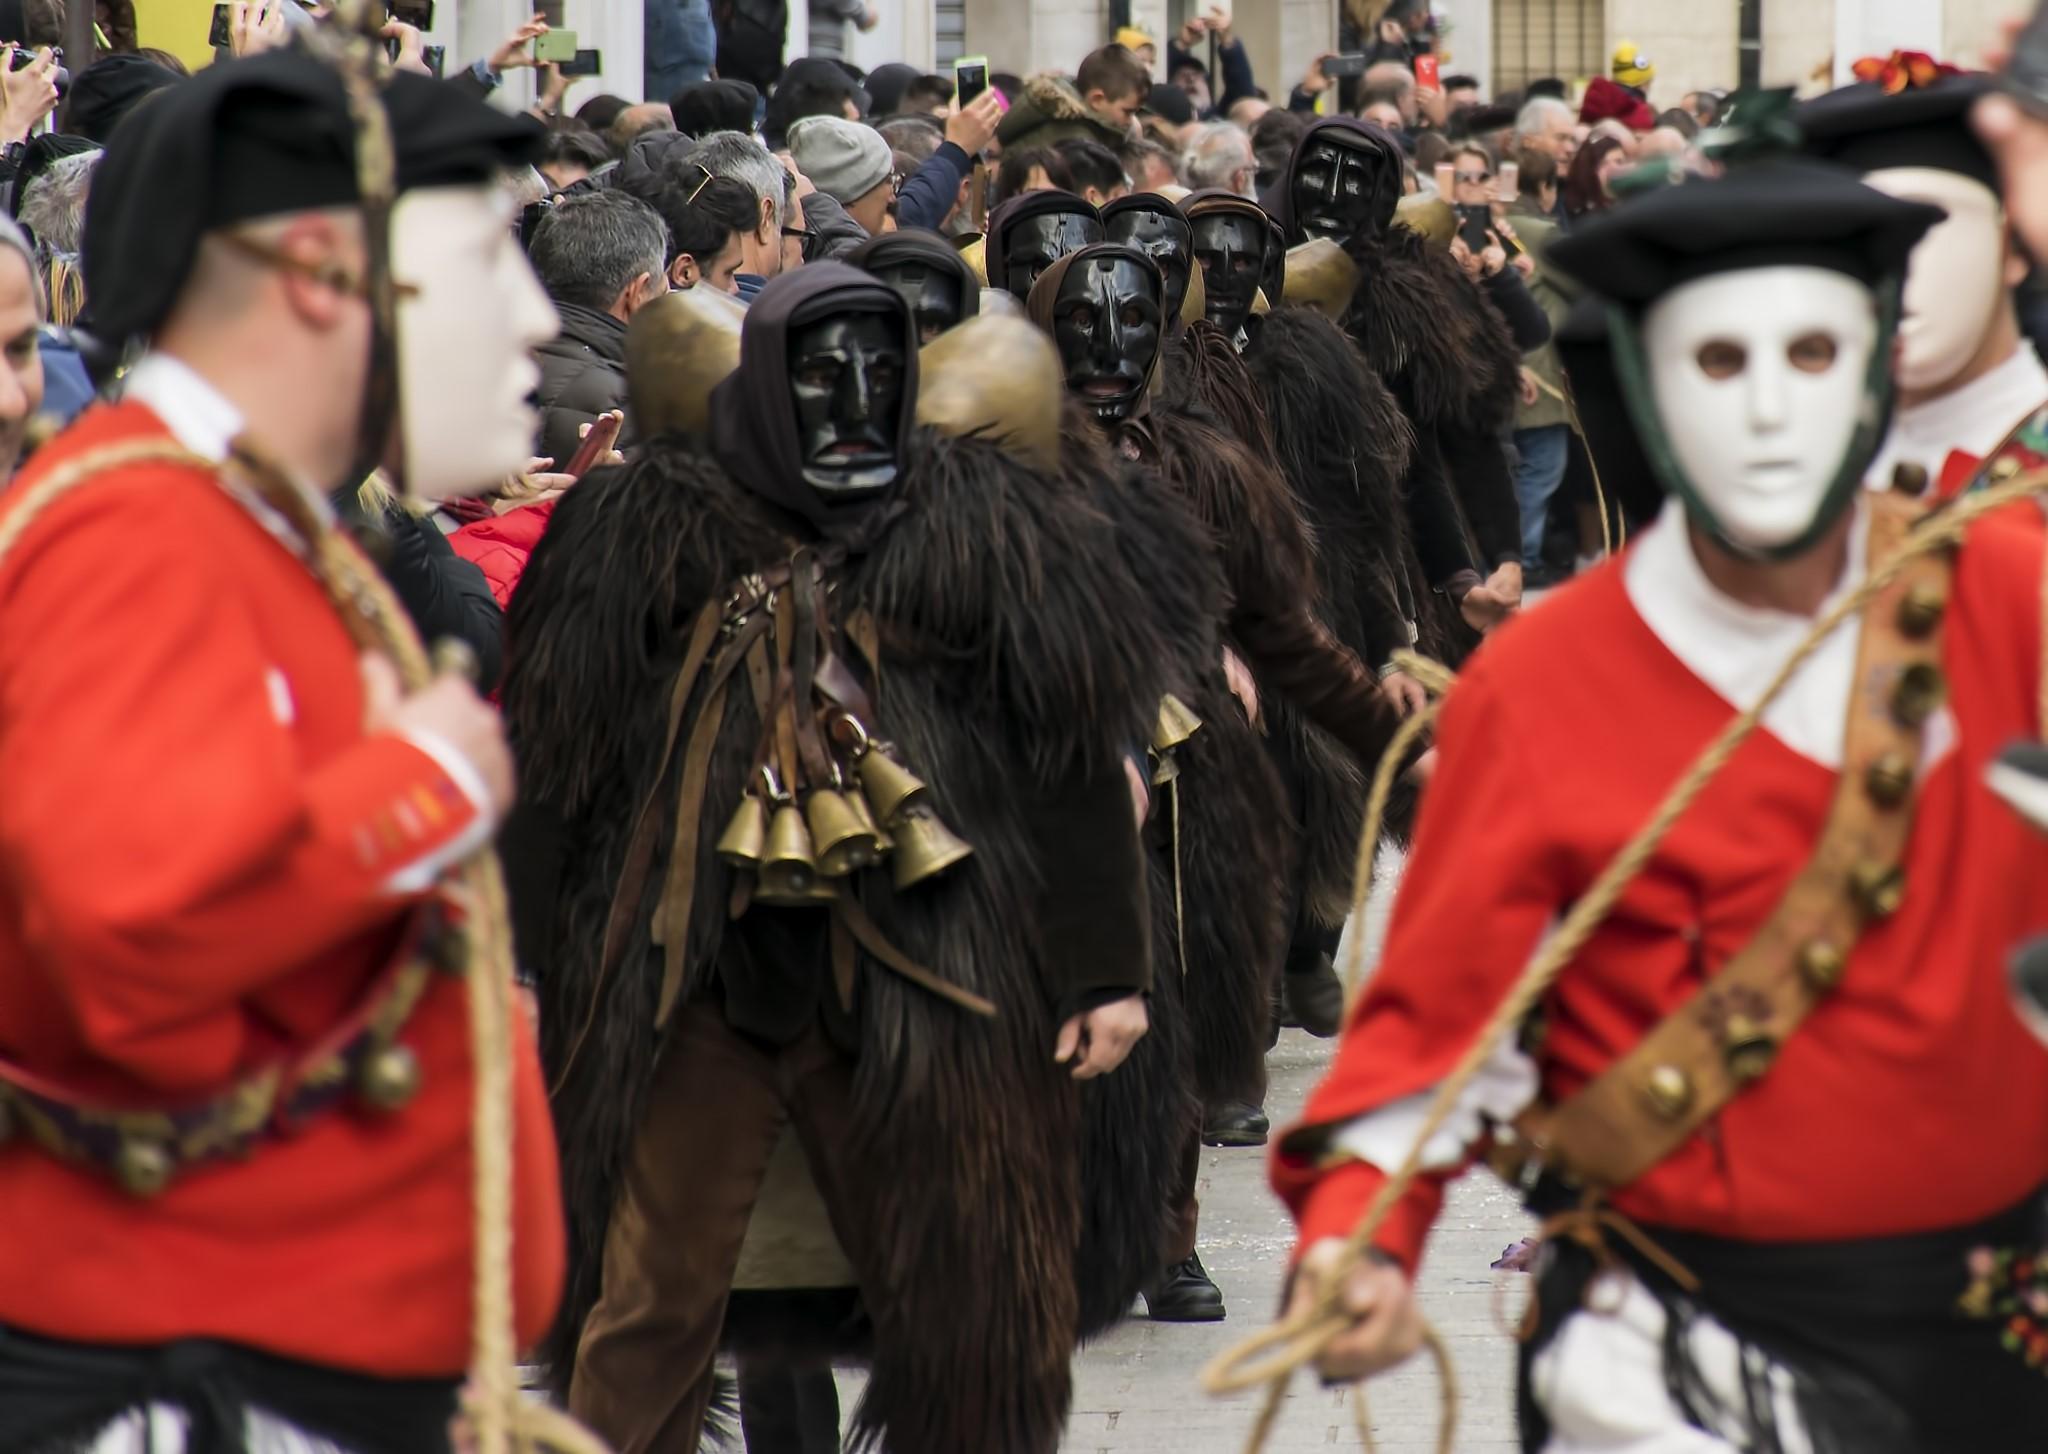 Issohadores from mamoiada's Carnival